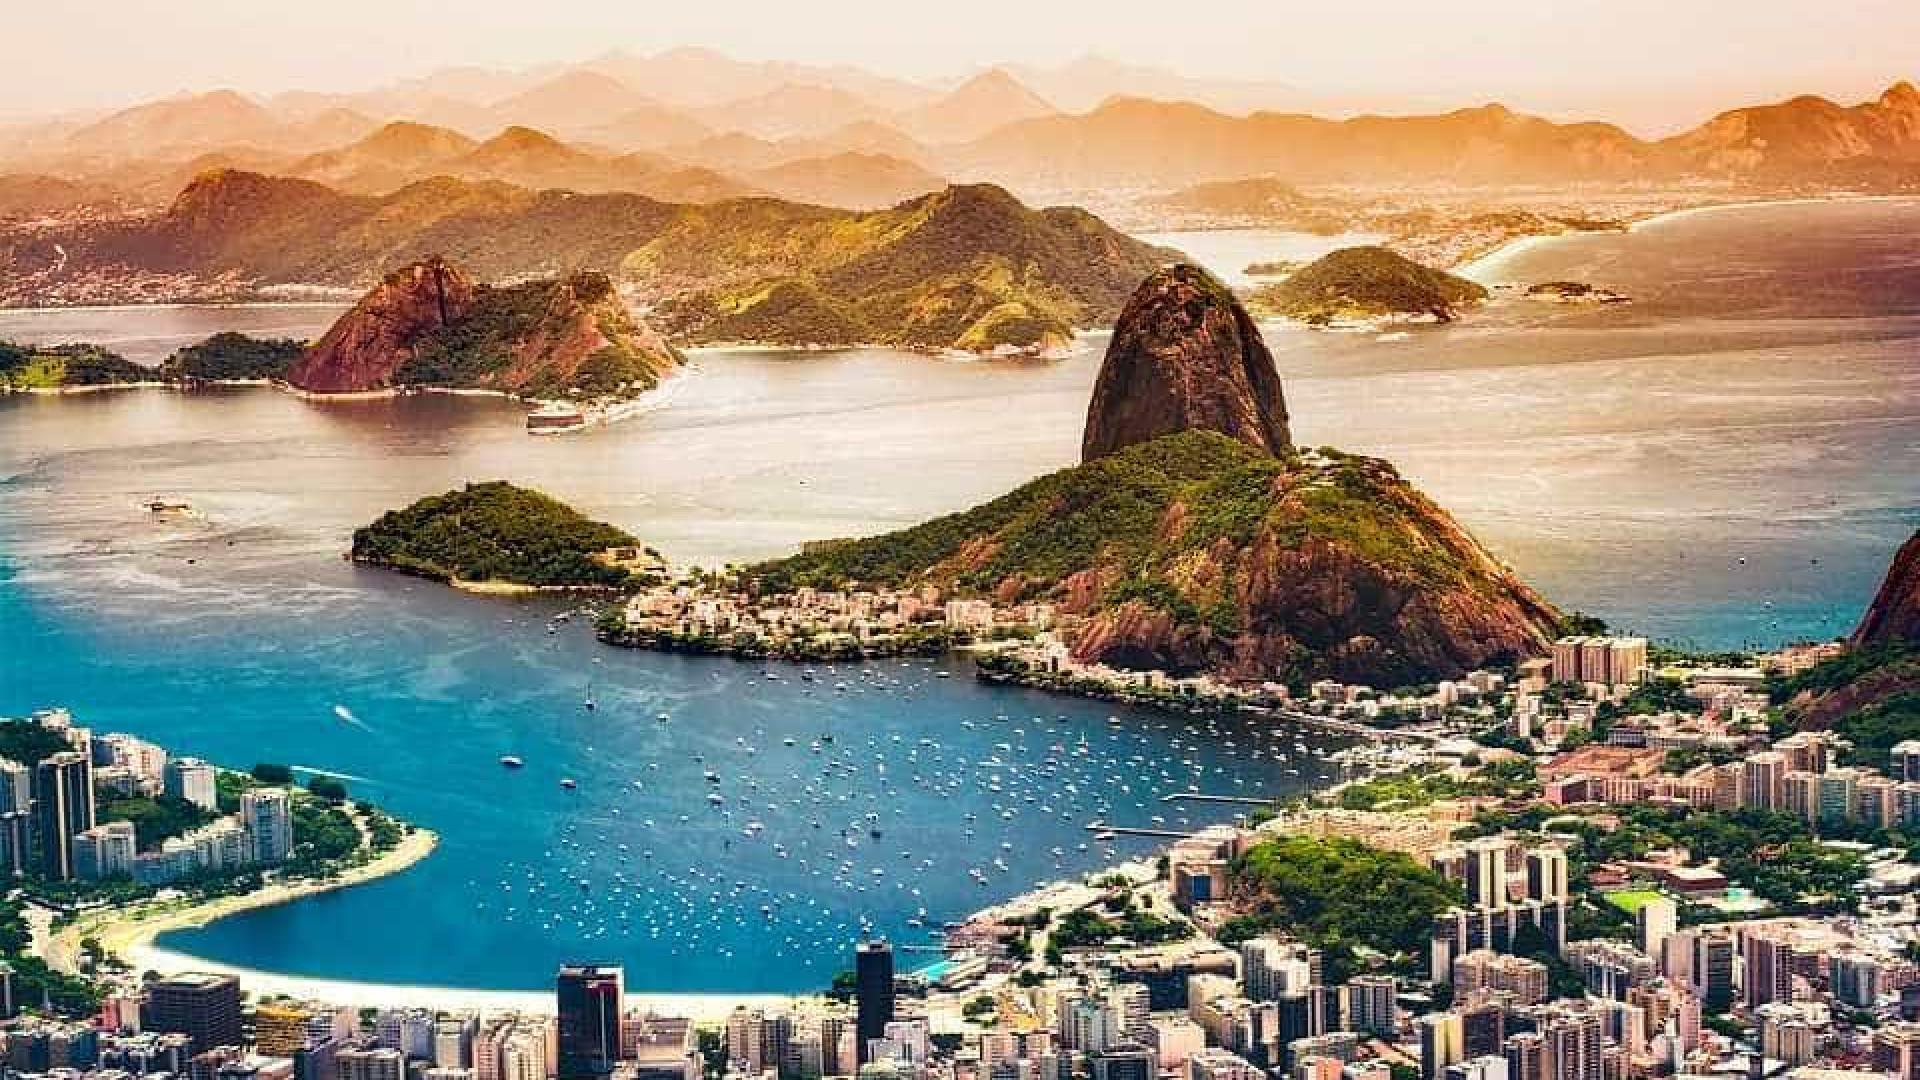 Réveillon do Rio: 'Crise ajudou', diz presidente da Riotur